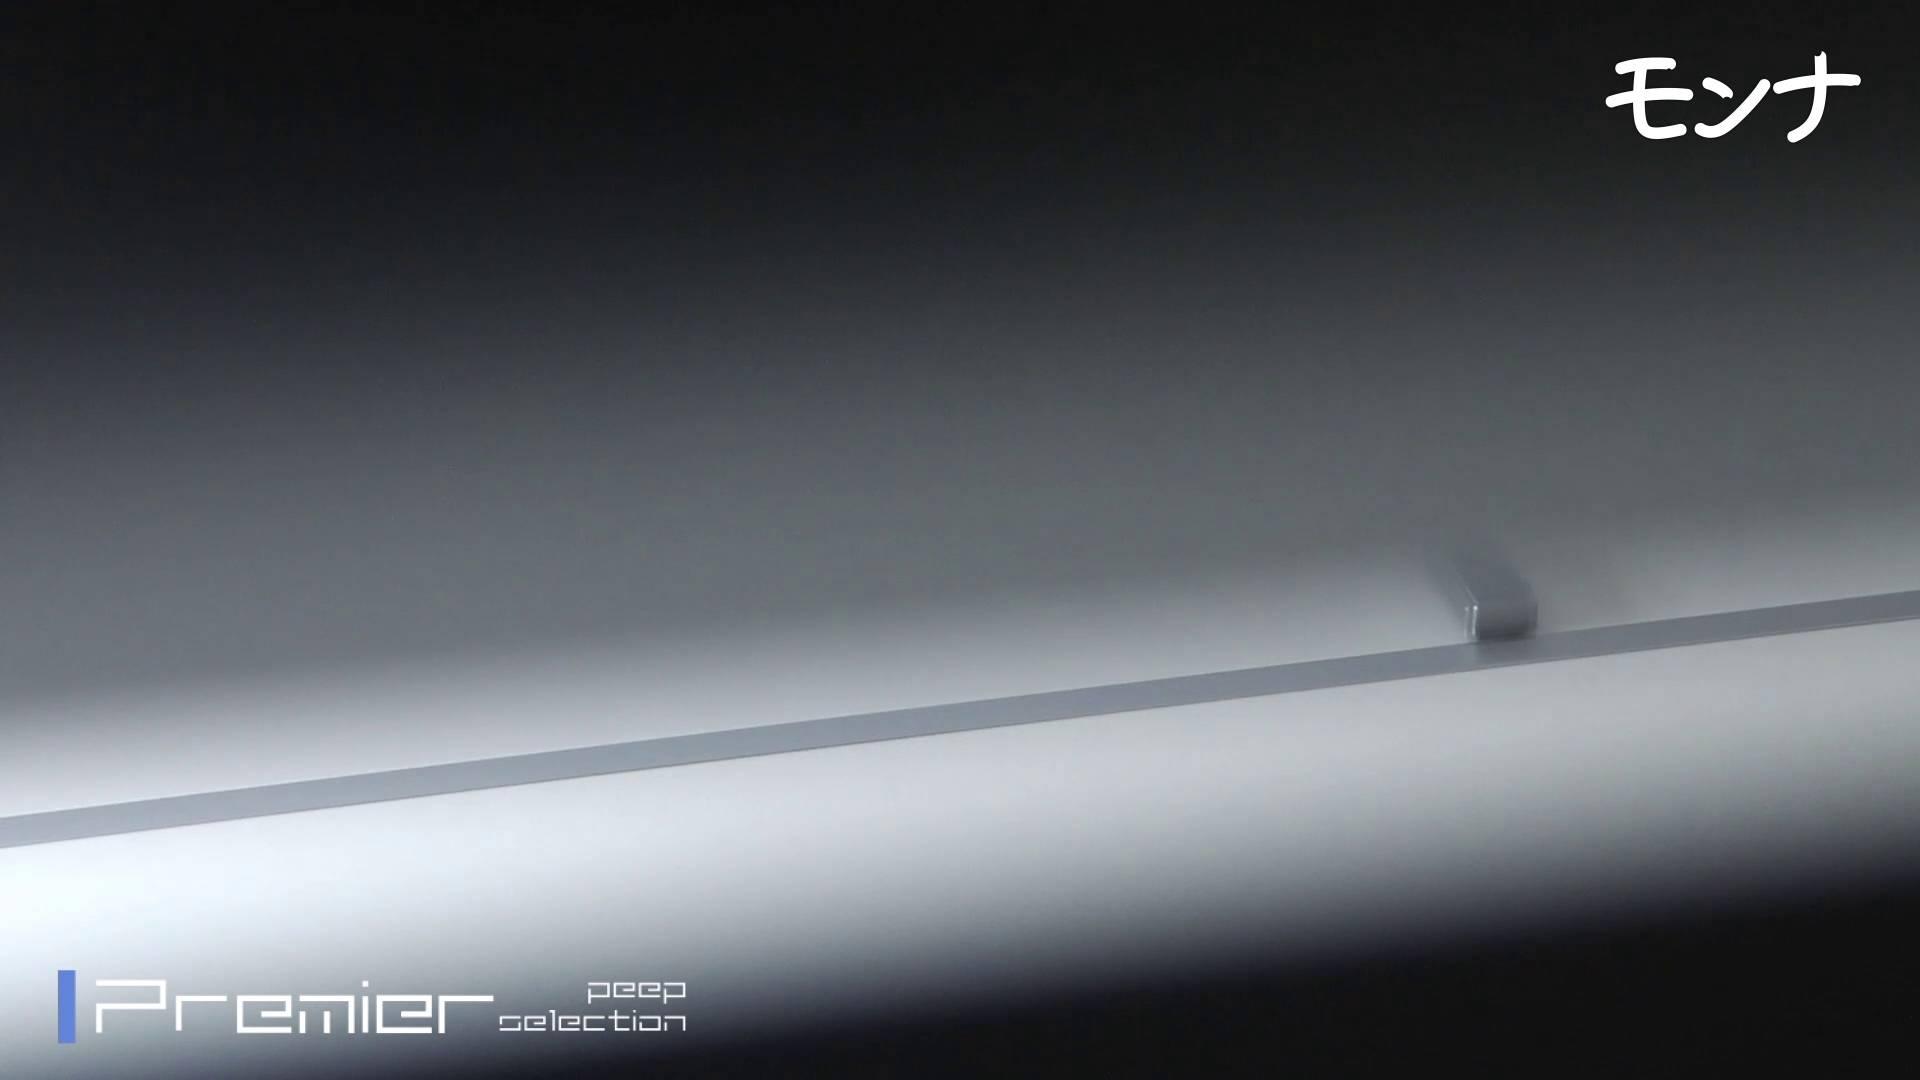 アダルトエロ動画|美しい日本の未来 No.89 秋到来!この笑顔に癒されてください。|怪盗ジョーカー